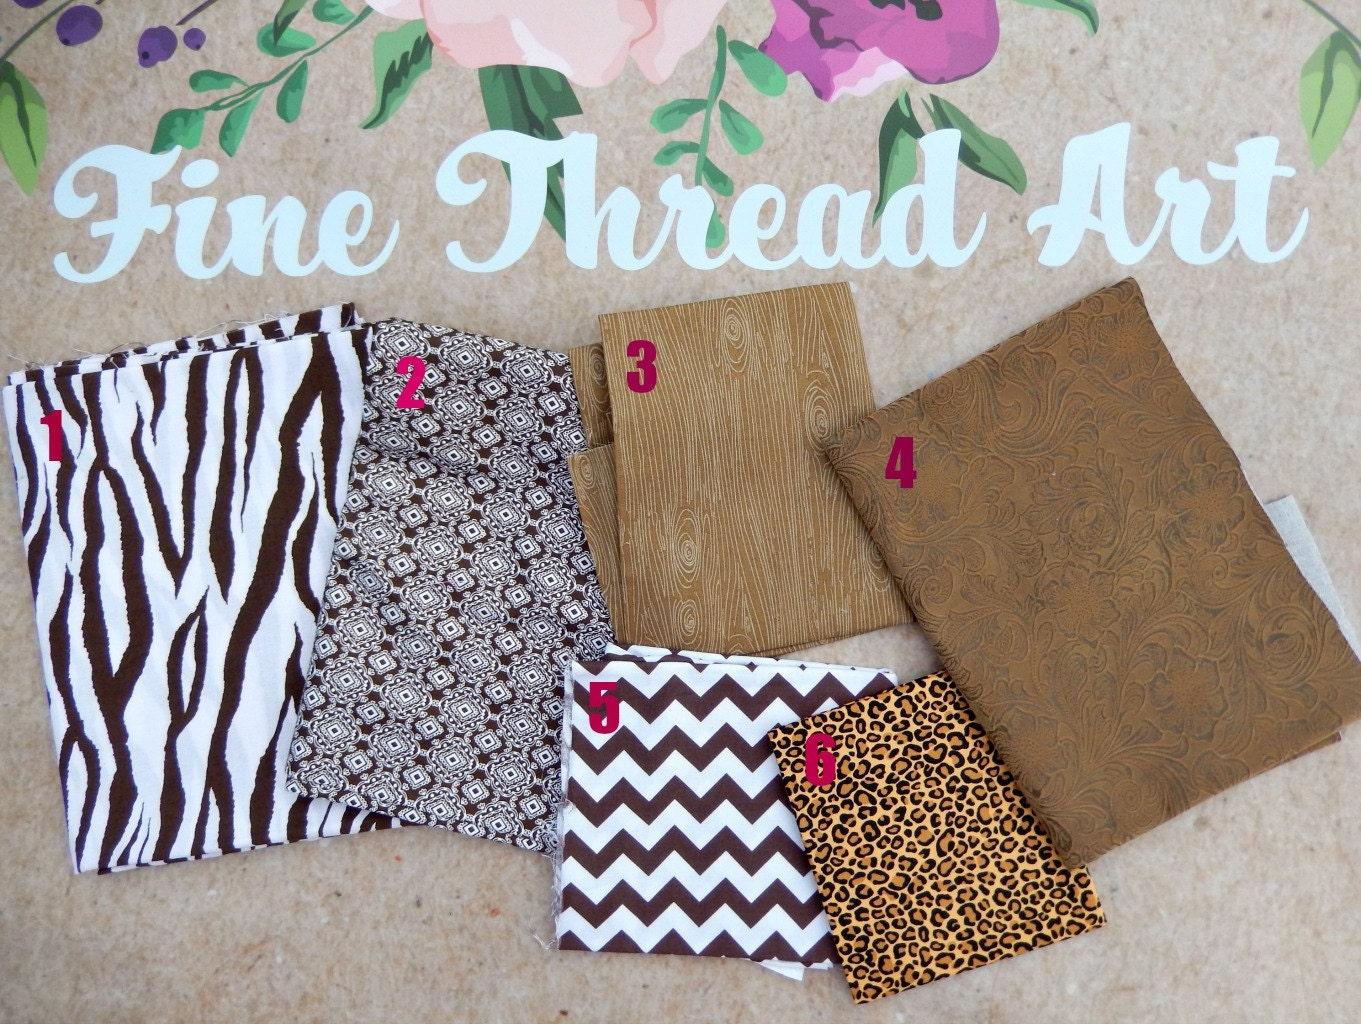 Brown Tan Khaki Neutral Applique Fabric